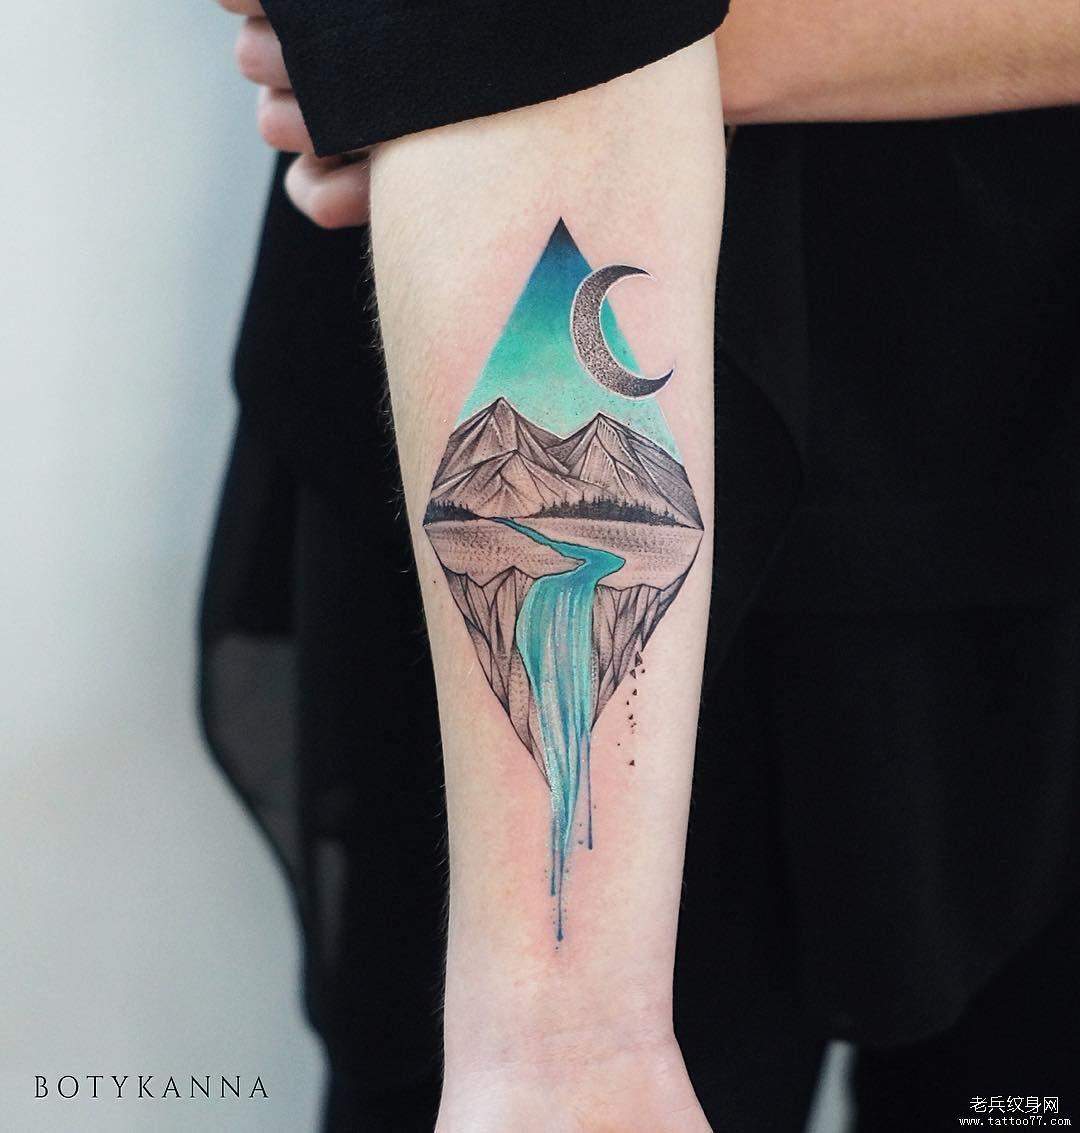 手臂几何月亮风景色彩渐变纹身图案